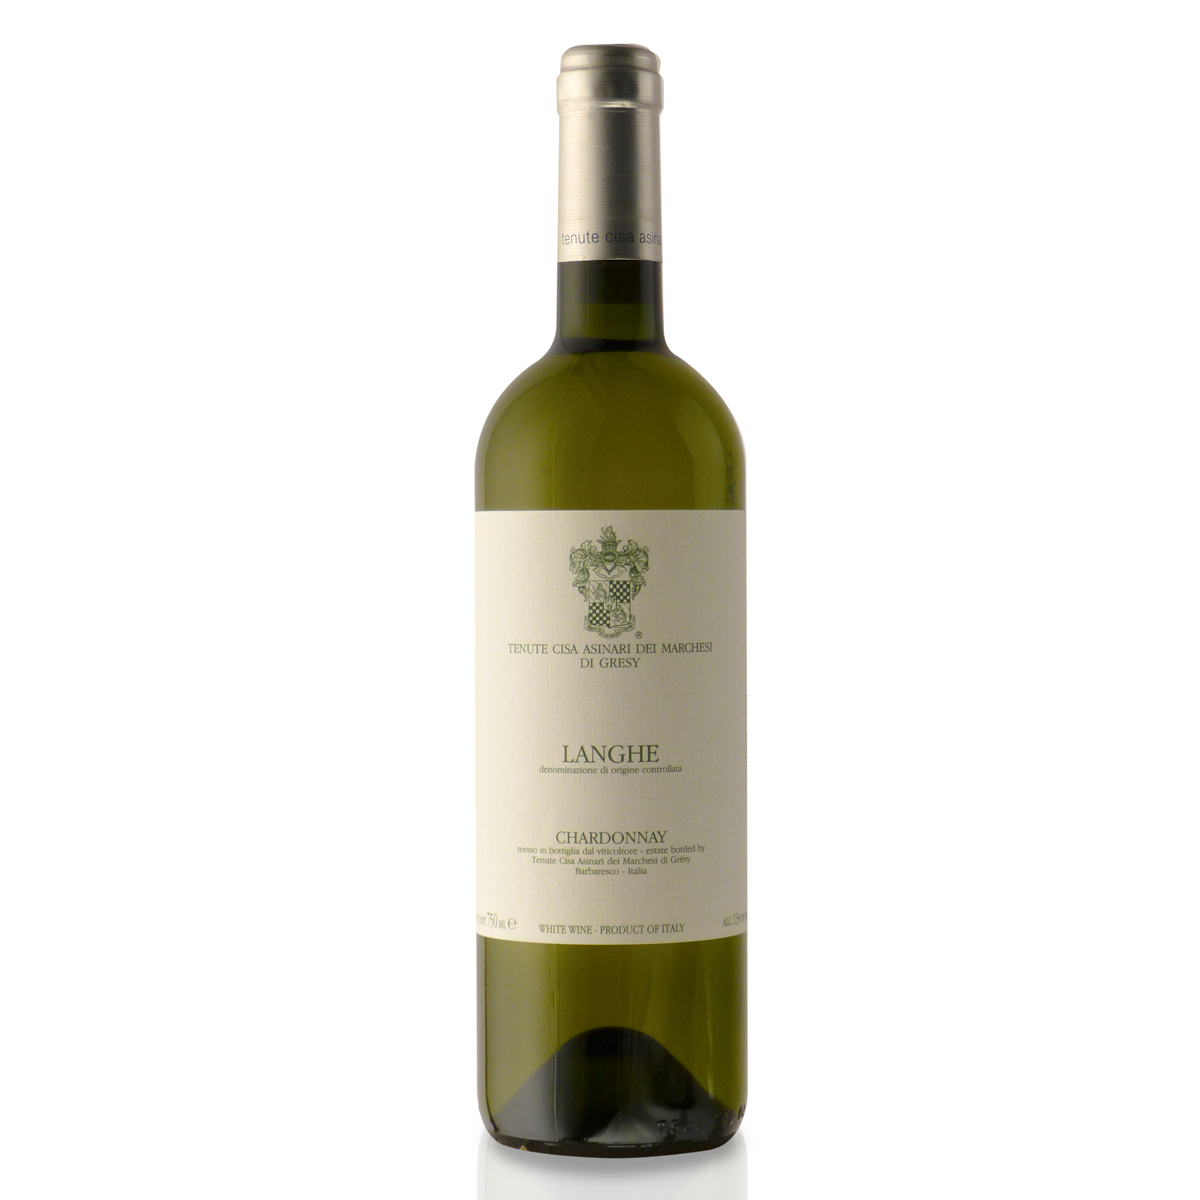 Langhe Chardonnay - Vini Bianchi del Piemonte - Privilege Wine